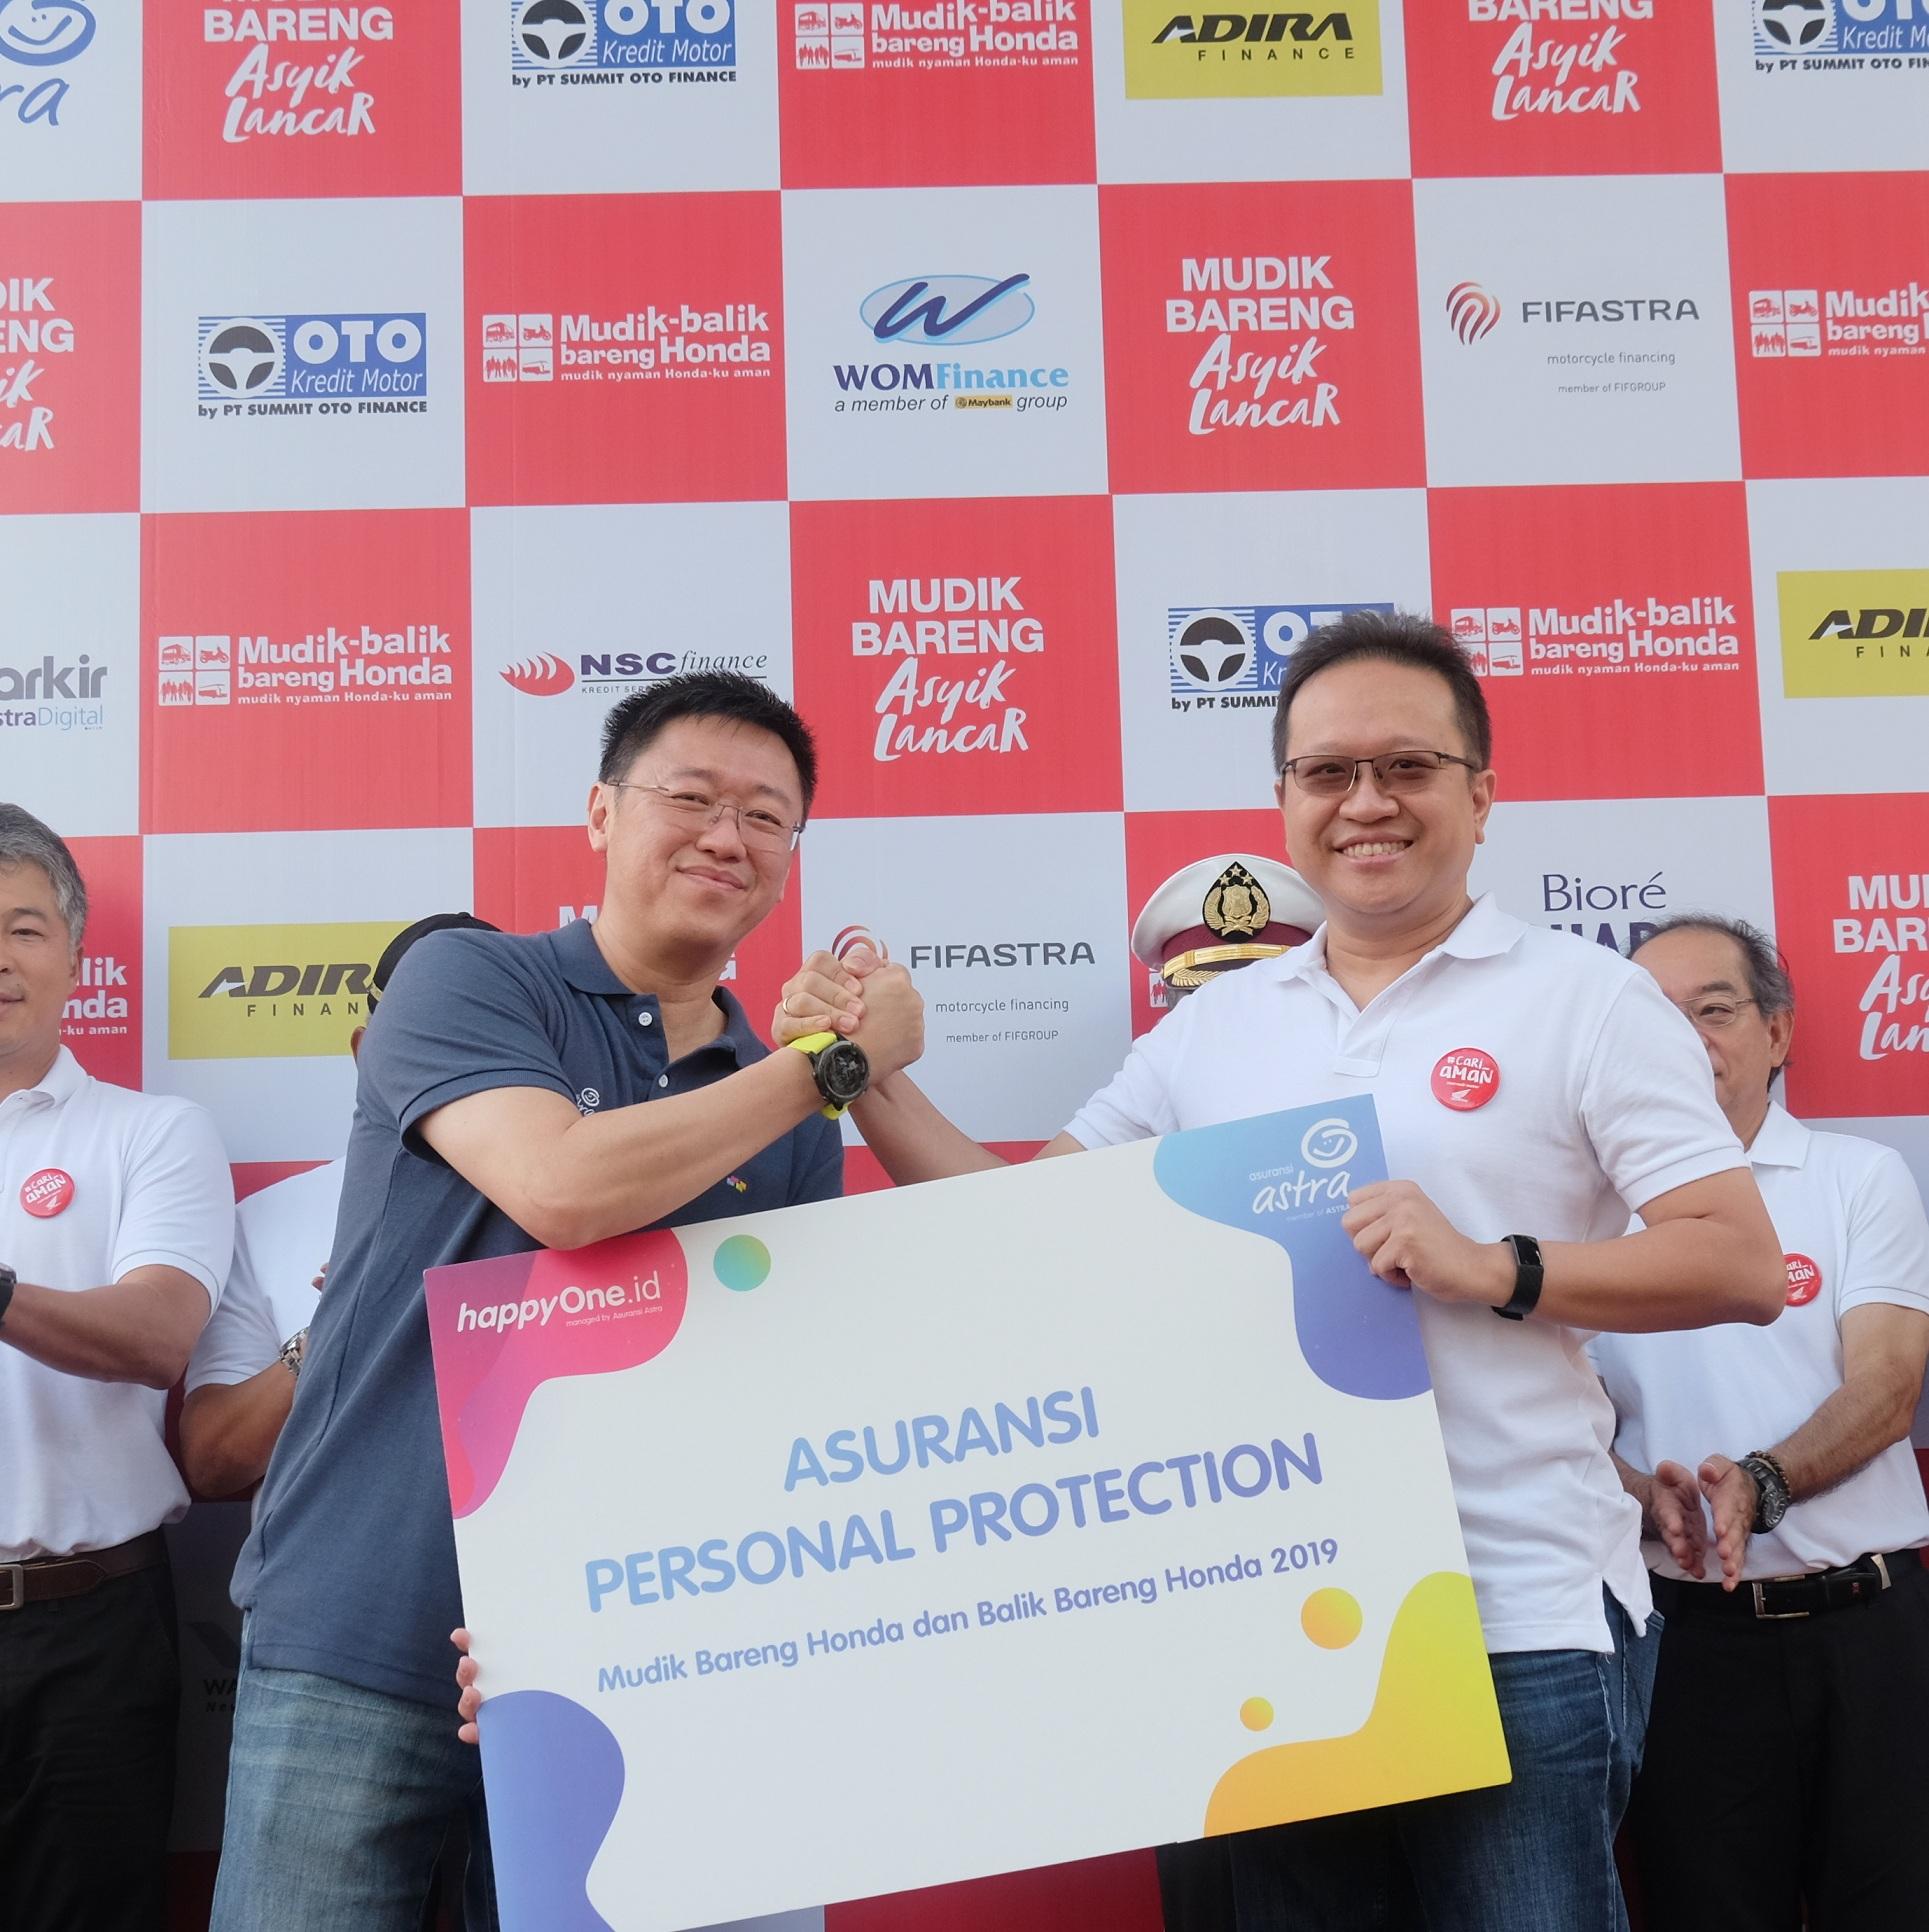 Asuransi Astra Kembali Siapkan Asuransi Personal Protection untuk Ribuan Pemudik